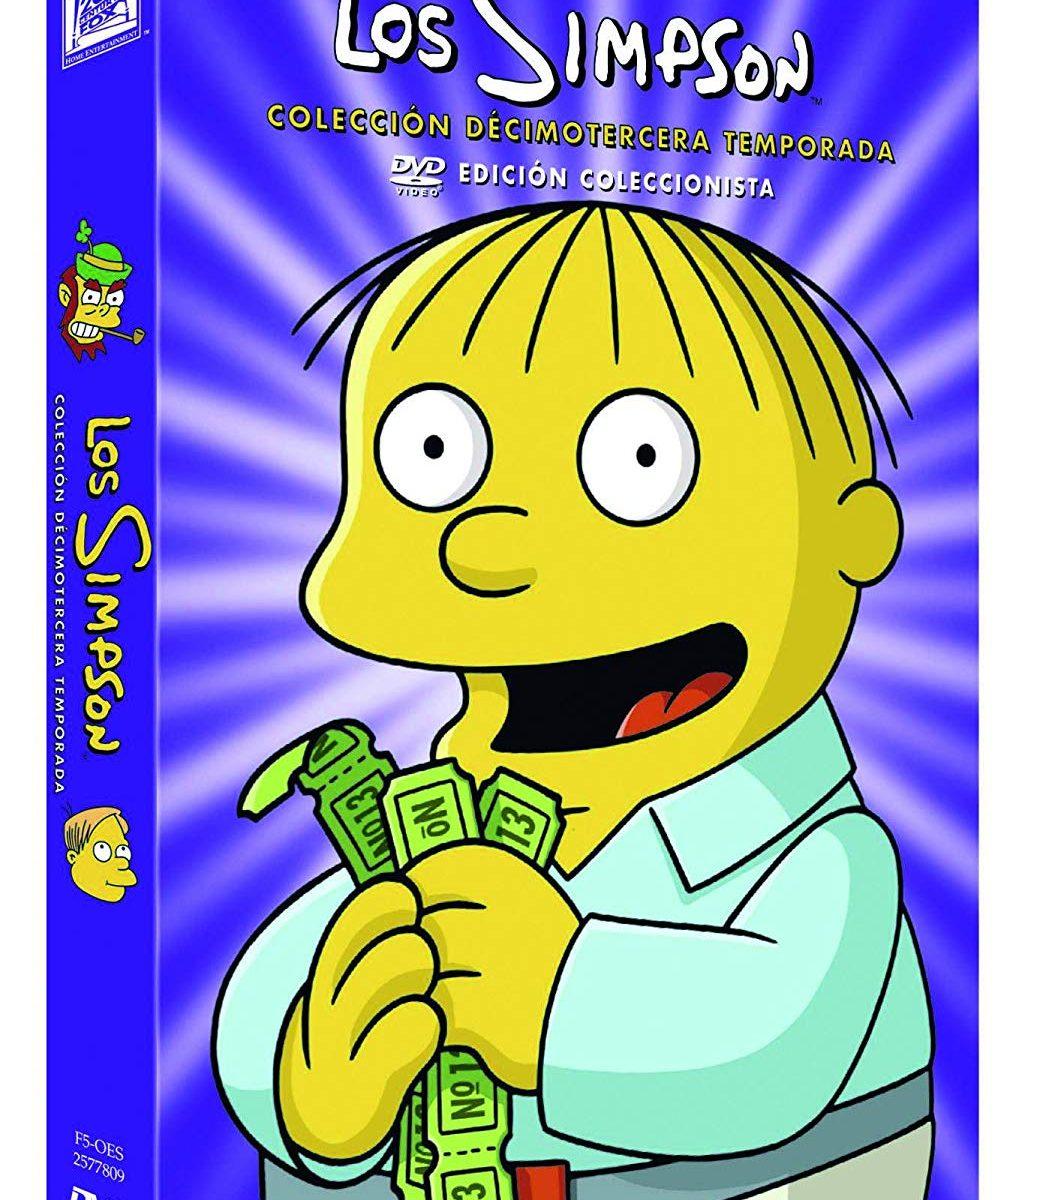 Ver temporada 13 de los Simpsons